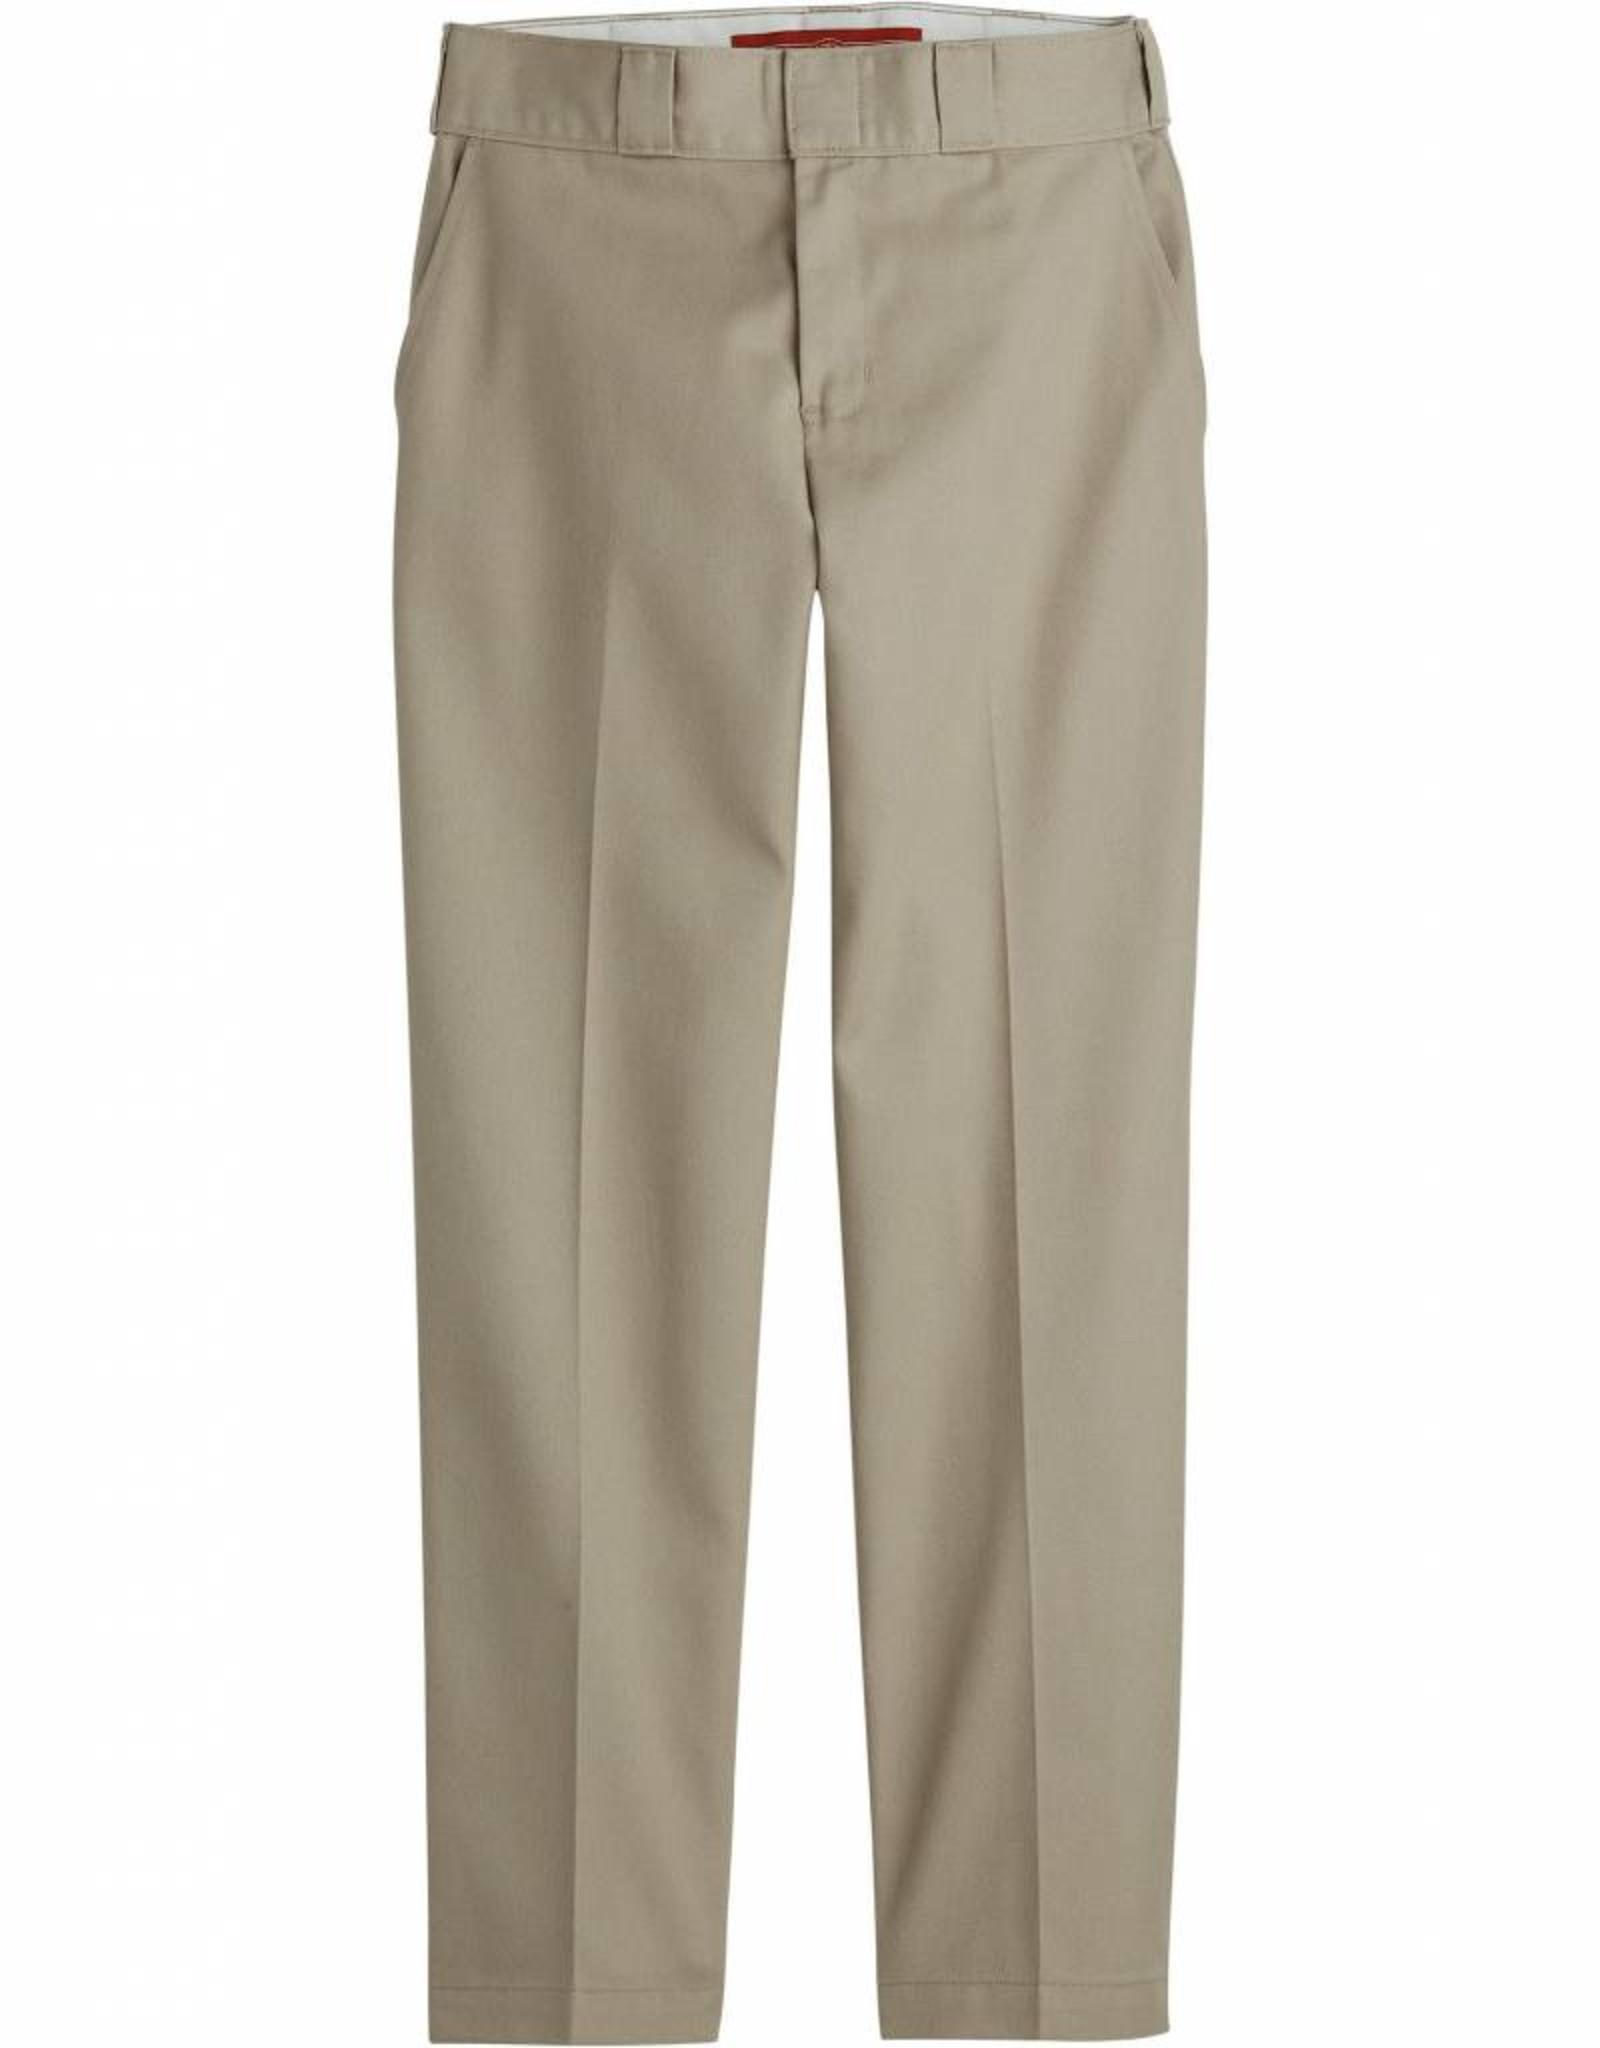 DICKIES Women's Original Fit '67 Pant FP775Z